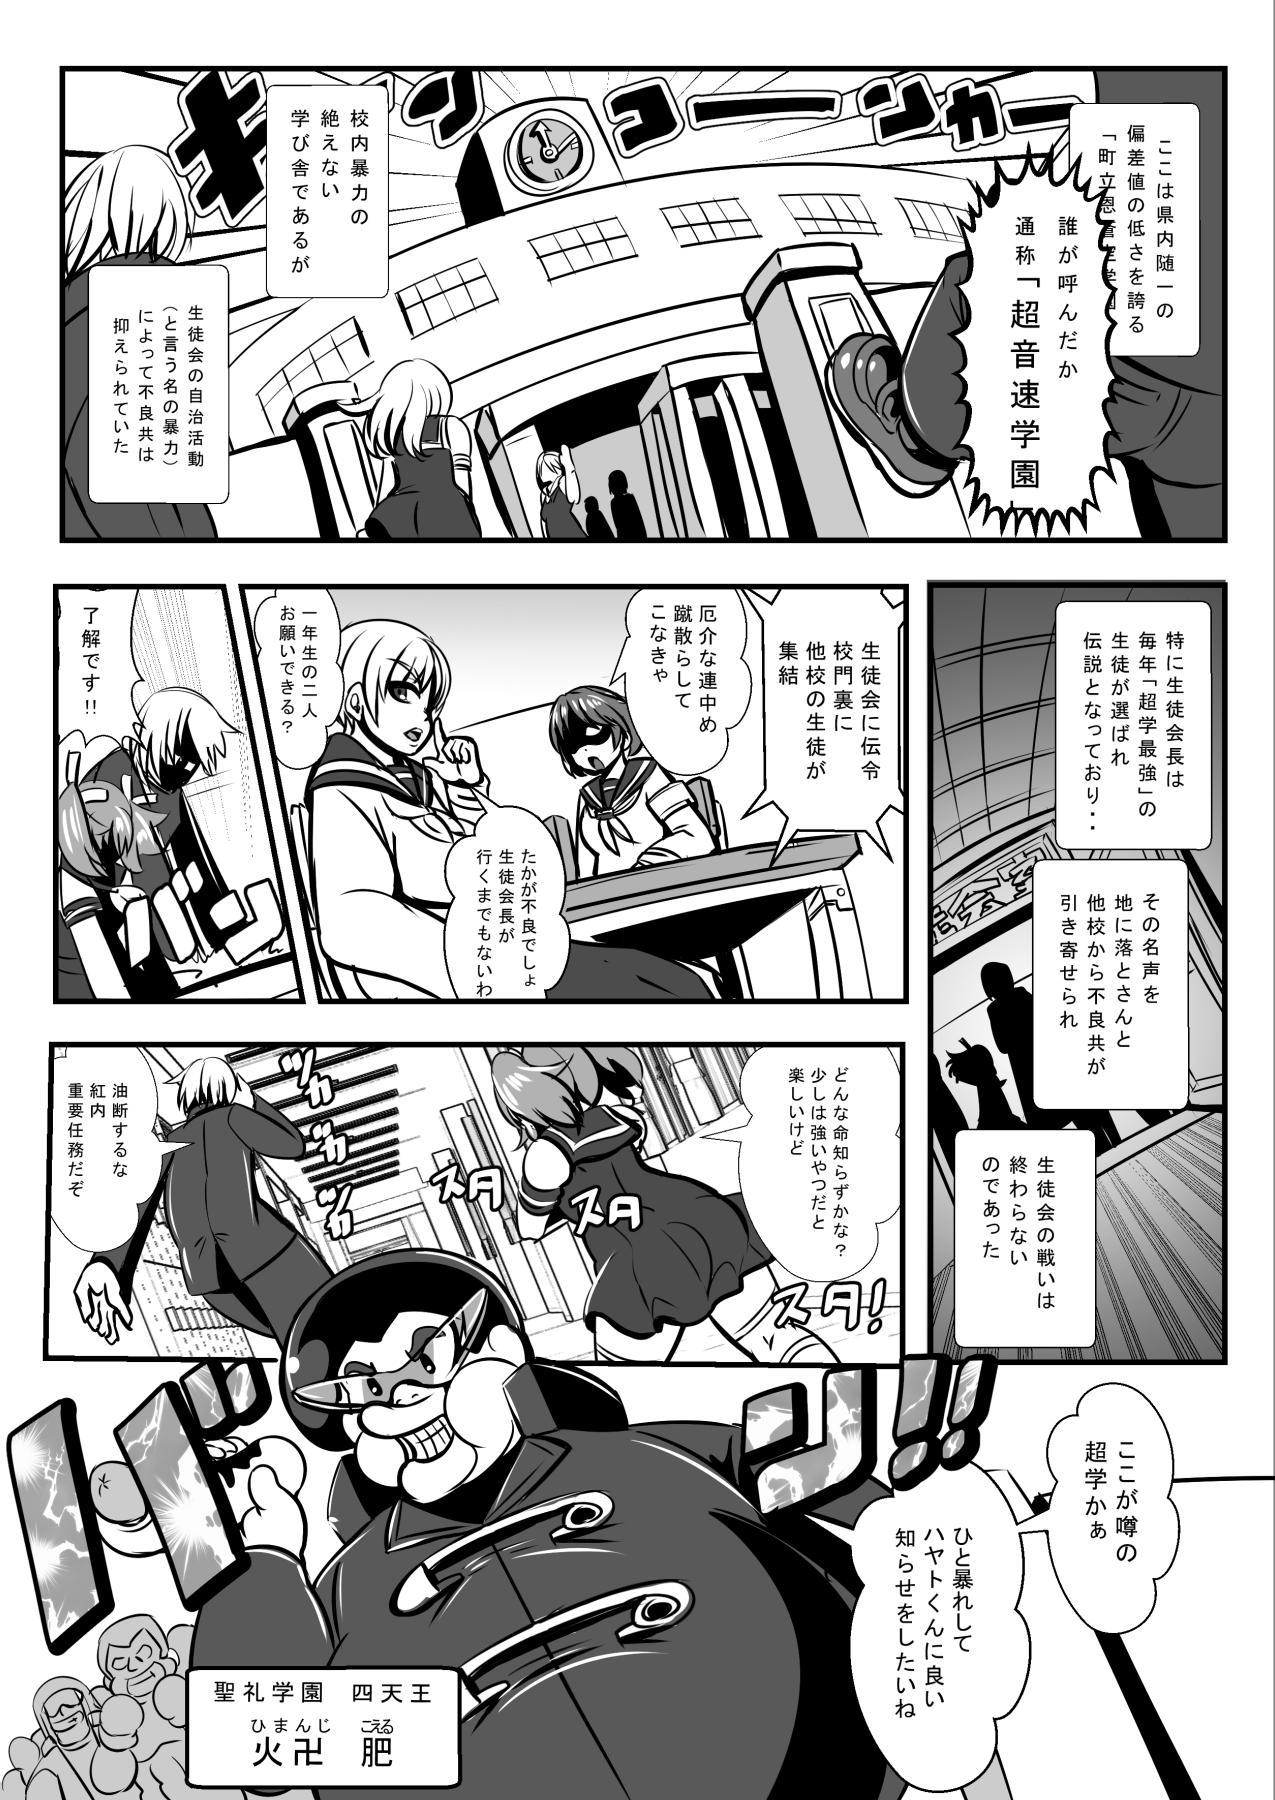 """Furyou Toubatsu Seitokai """"Haiboku Seisai"""" 0"""